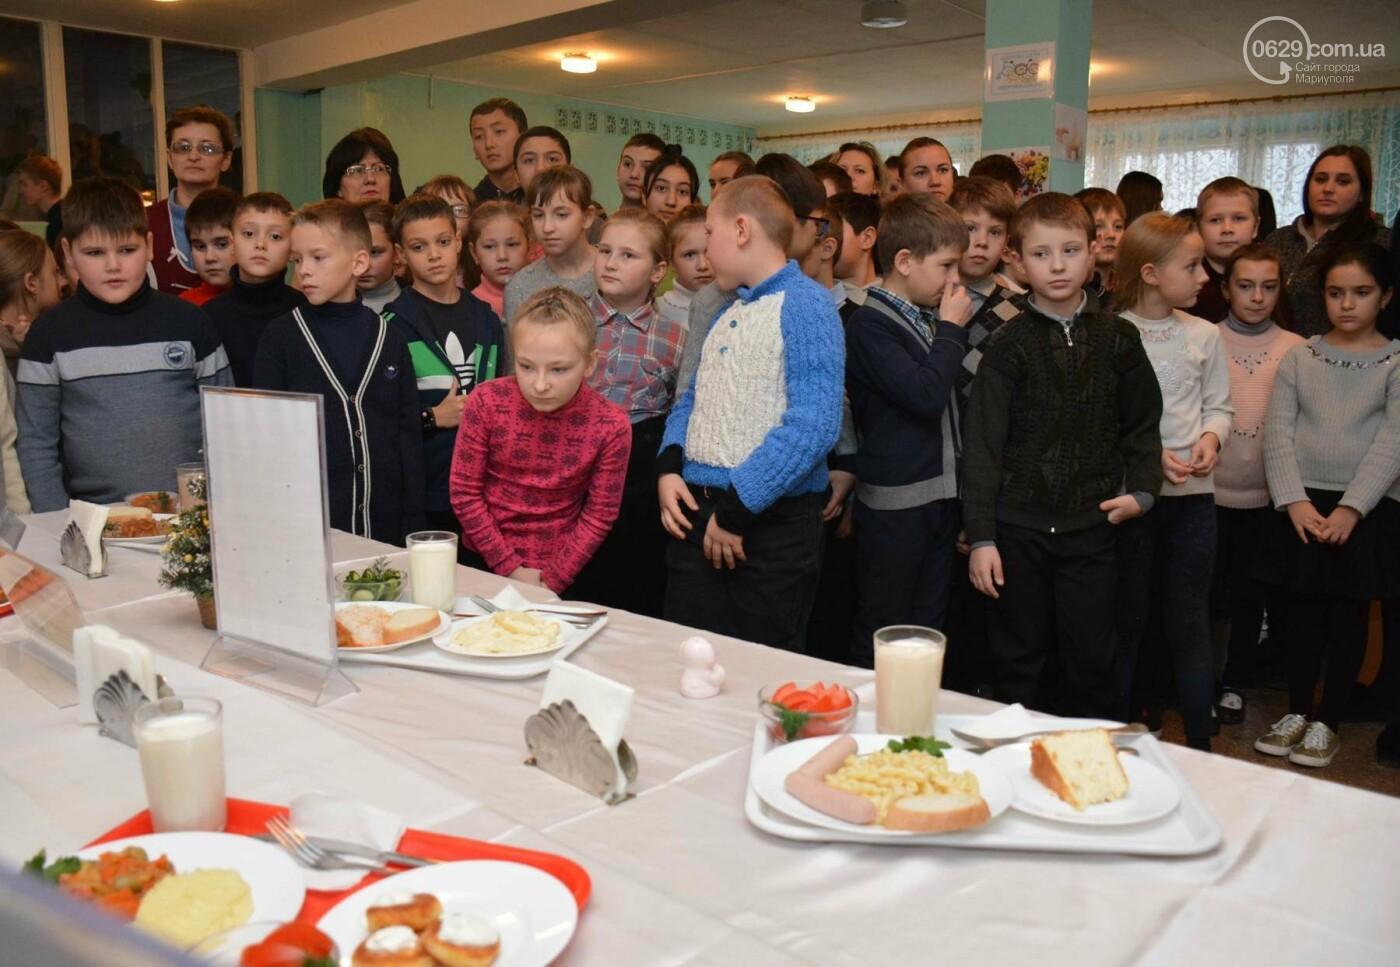 Больше молочных и мясных блюд, свежих овощей и фруктов: в ОШ № 15 представили обновленное меню для школьников., фото-19